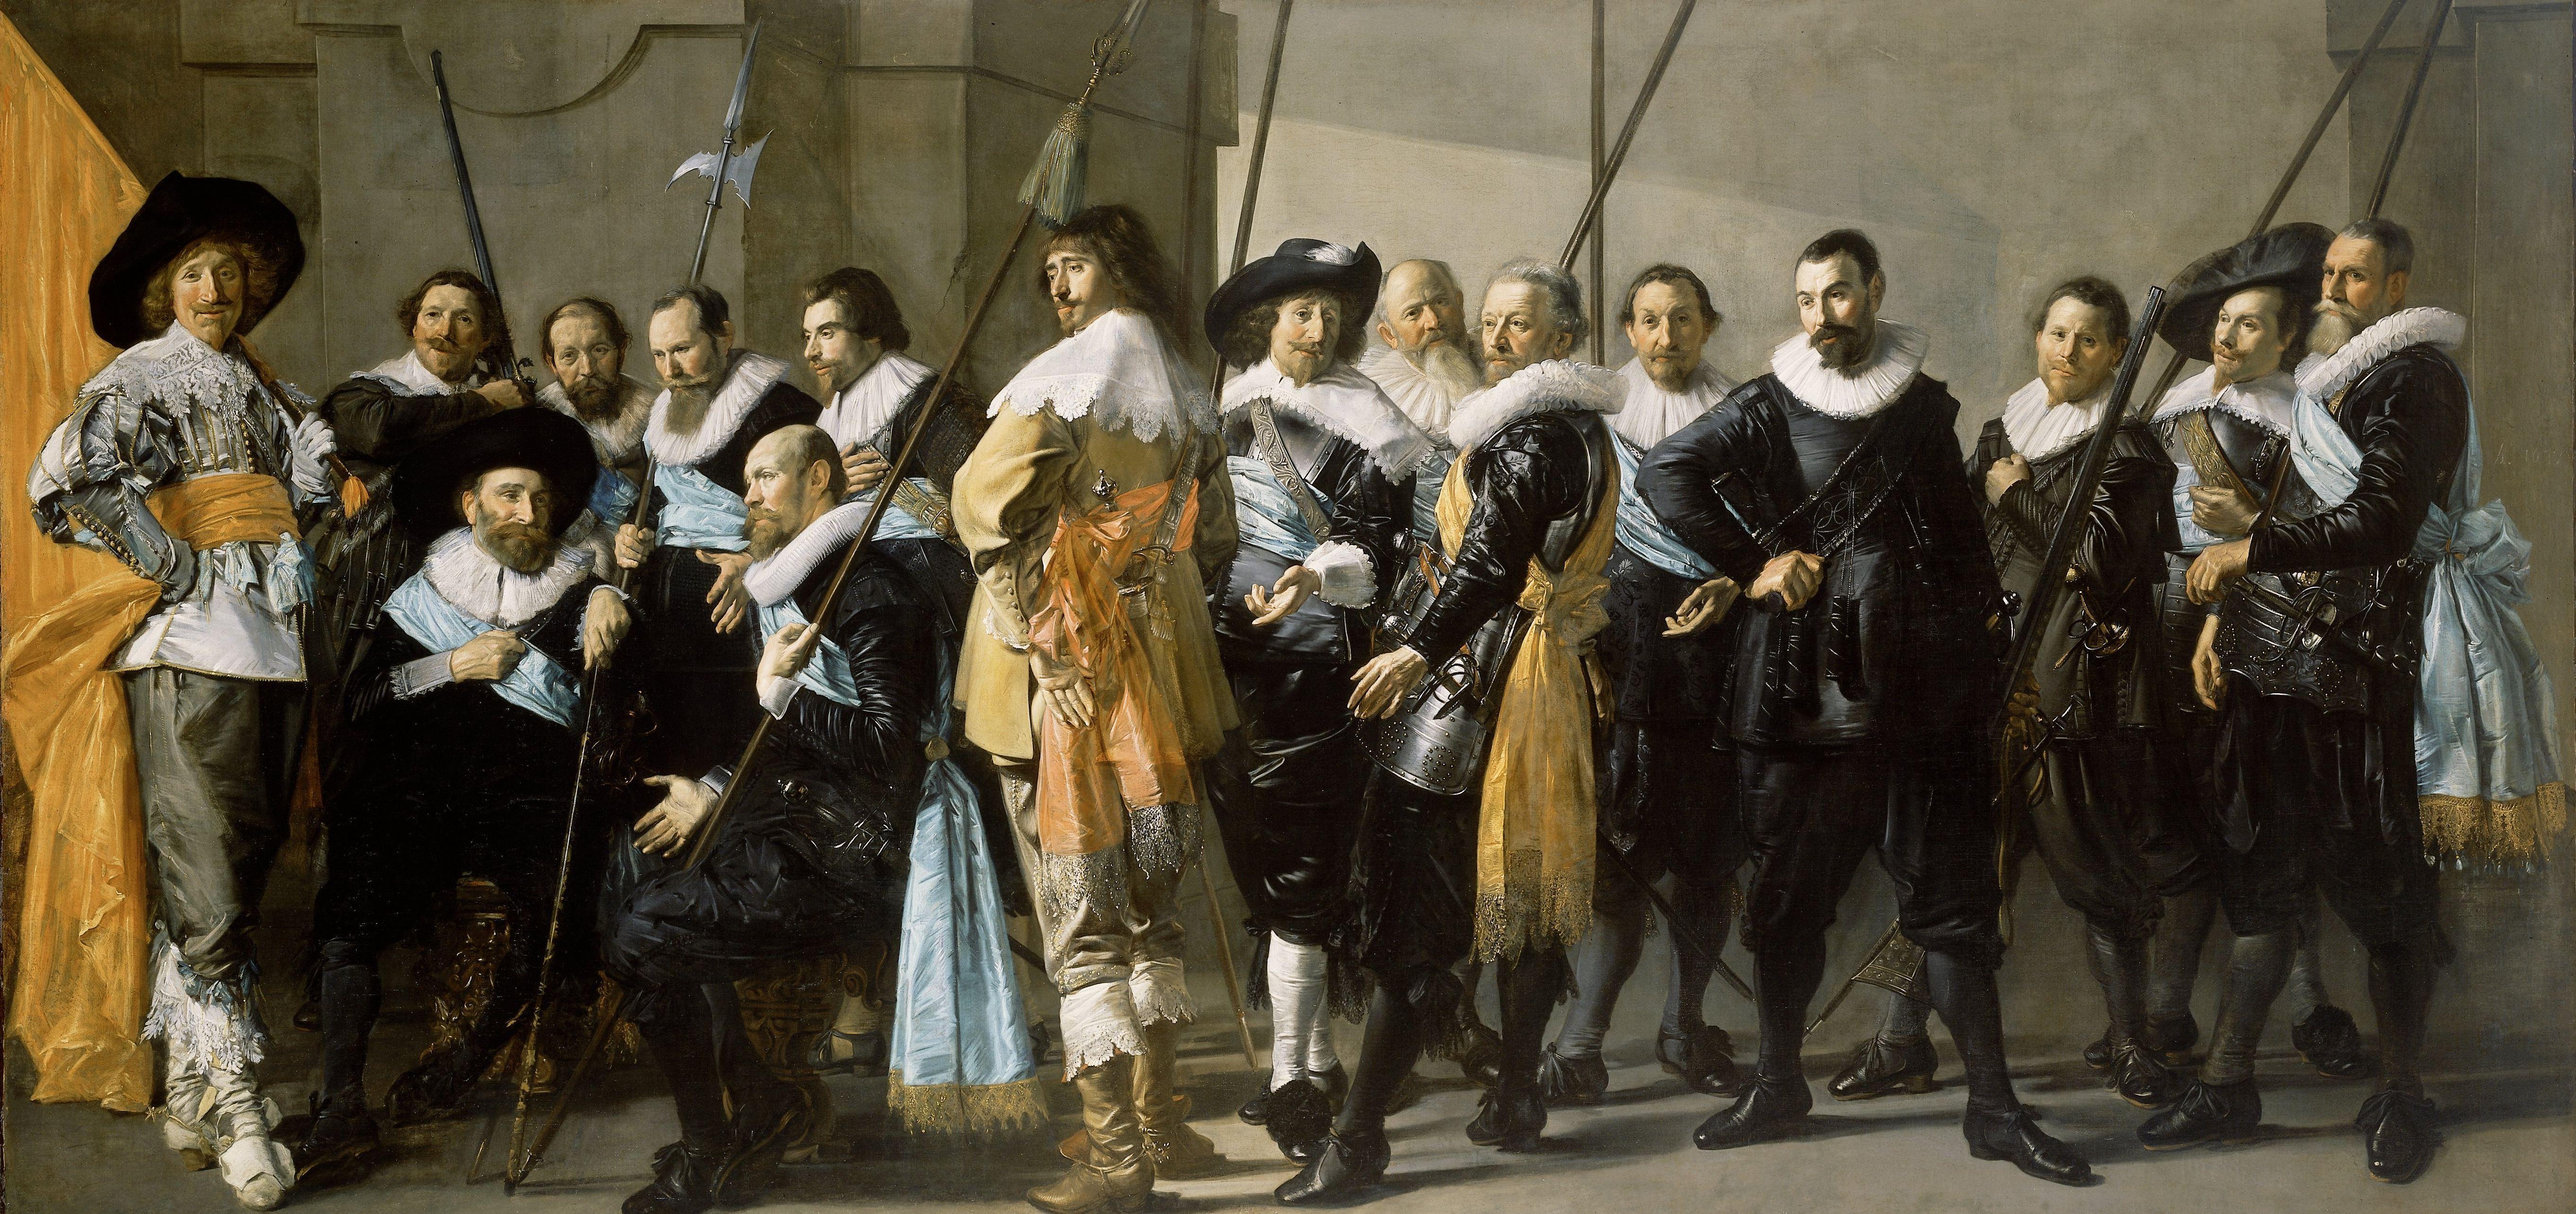 De schutters vormden Haarlems gewapende macht. Echte schutters waren geen regenten, maar Haarlemmers uit de lagere middenklasse